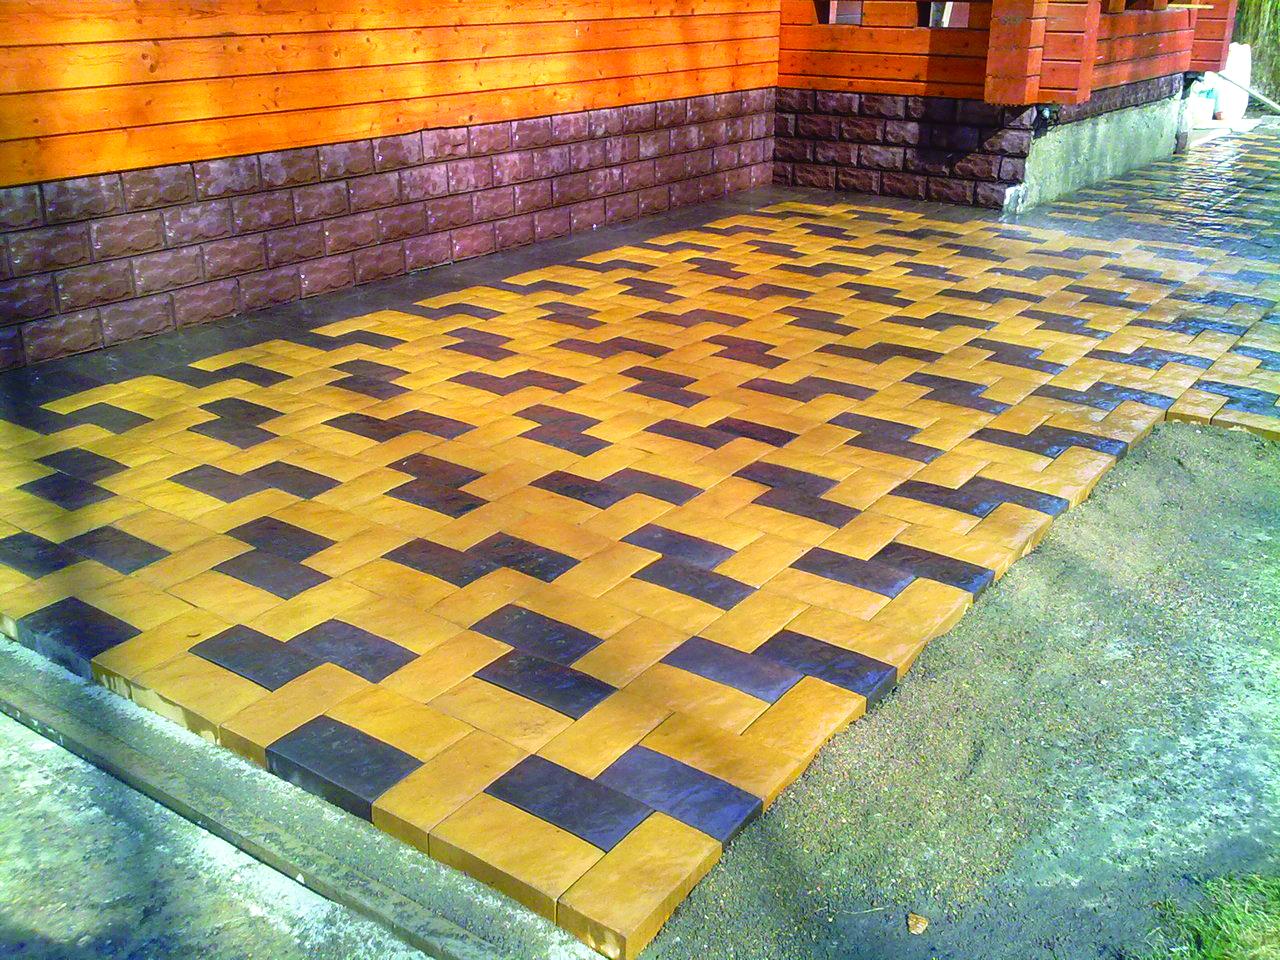 «Английский булыжник»—?изготавливается путем вибрационного литья бетона, похожа на коричневый или темно-серый натуральный камень, придает завершенность брутальным иромантическим архитектурным проектам.